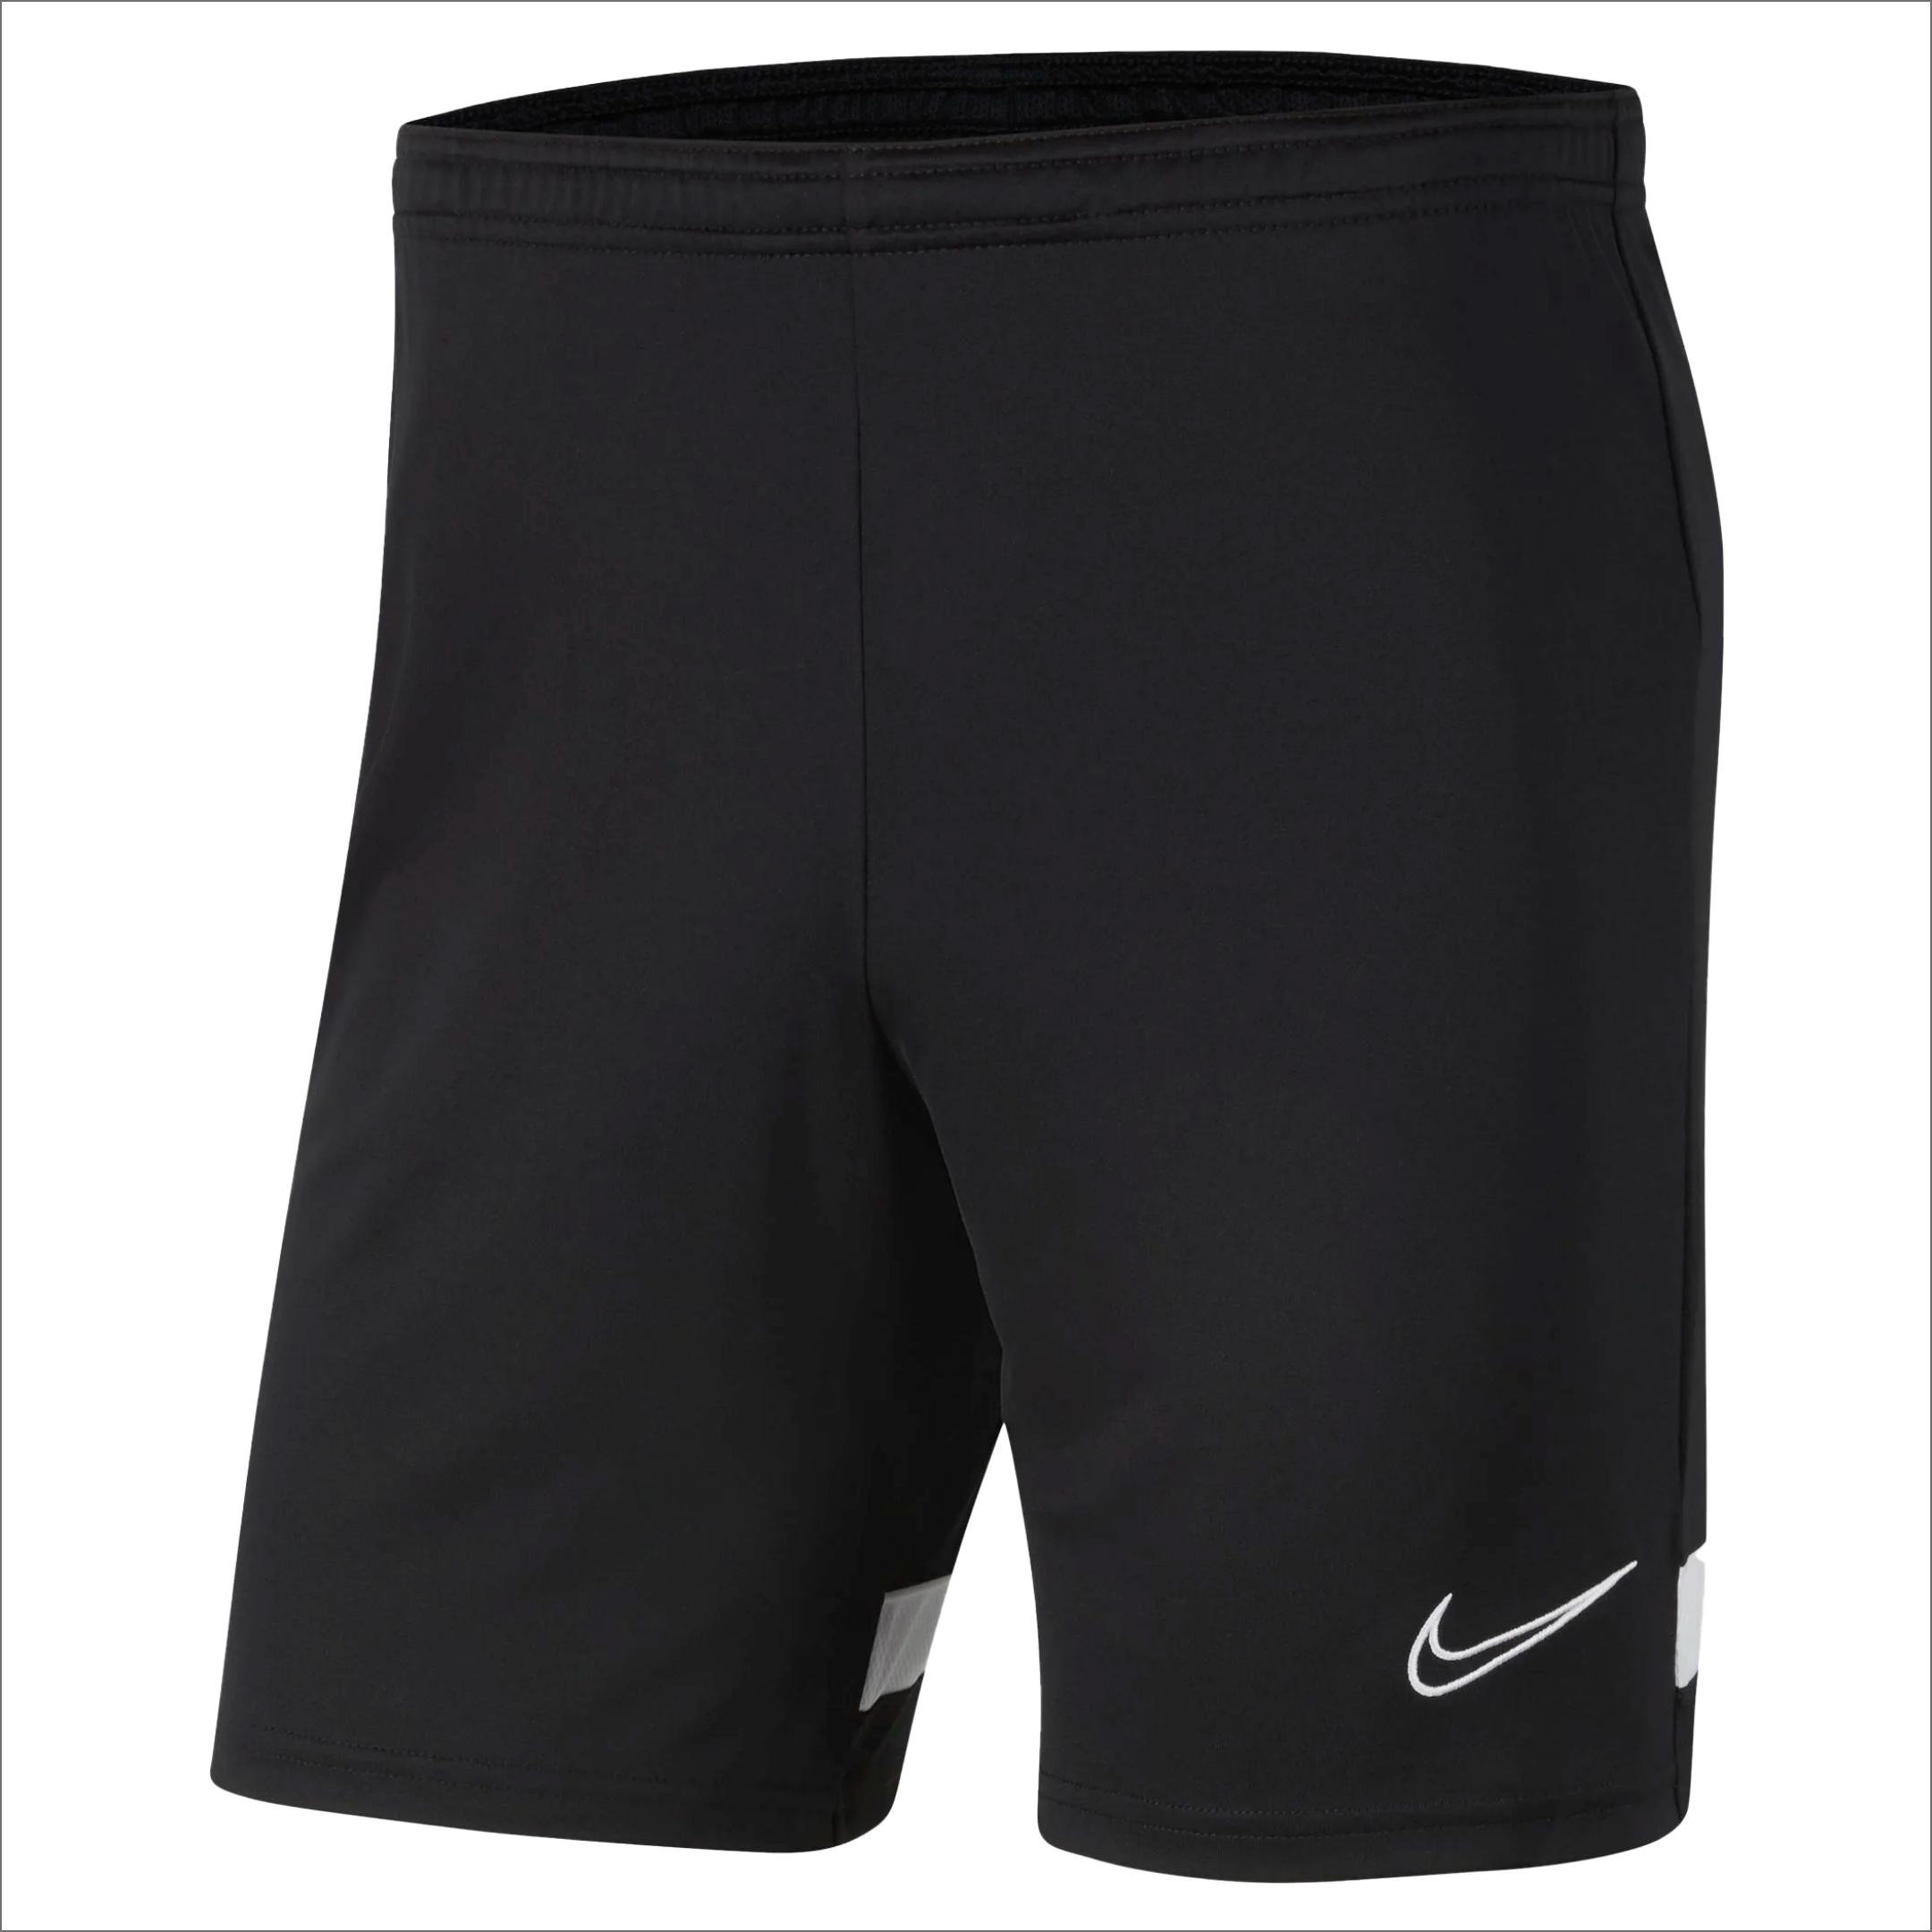 Nike shorts@2x